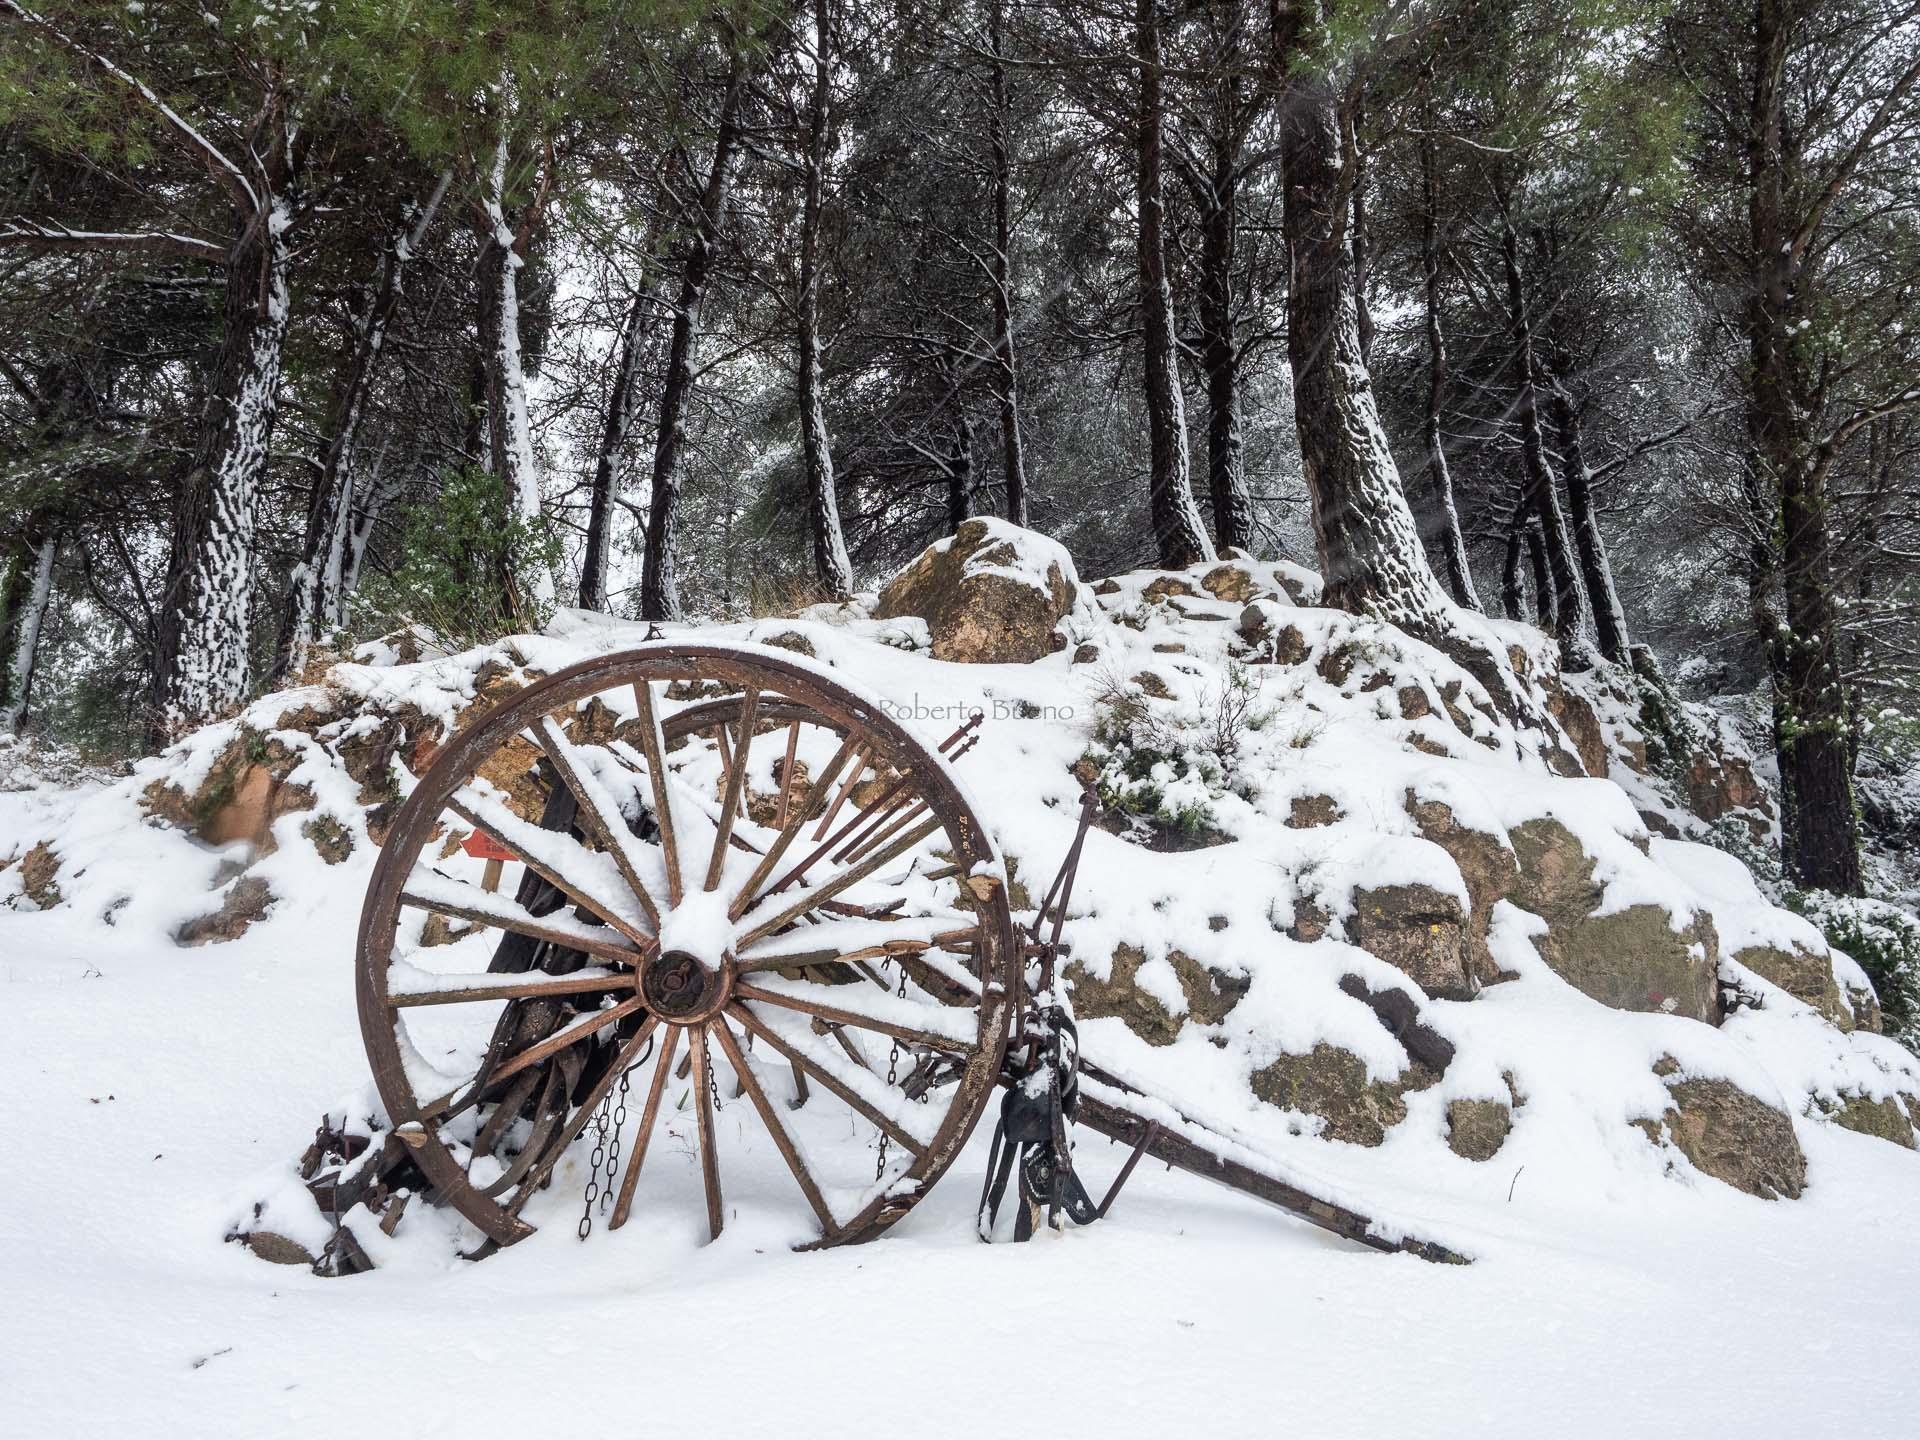 Castelló. Encantos de la nieve - L´Hospitalet-Vandellòs - L´Hospitalet de l´Infant - Vandellòs; Roberto Bueno; Fotografía